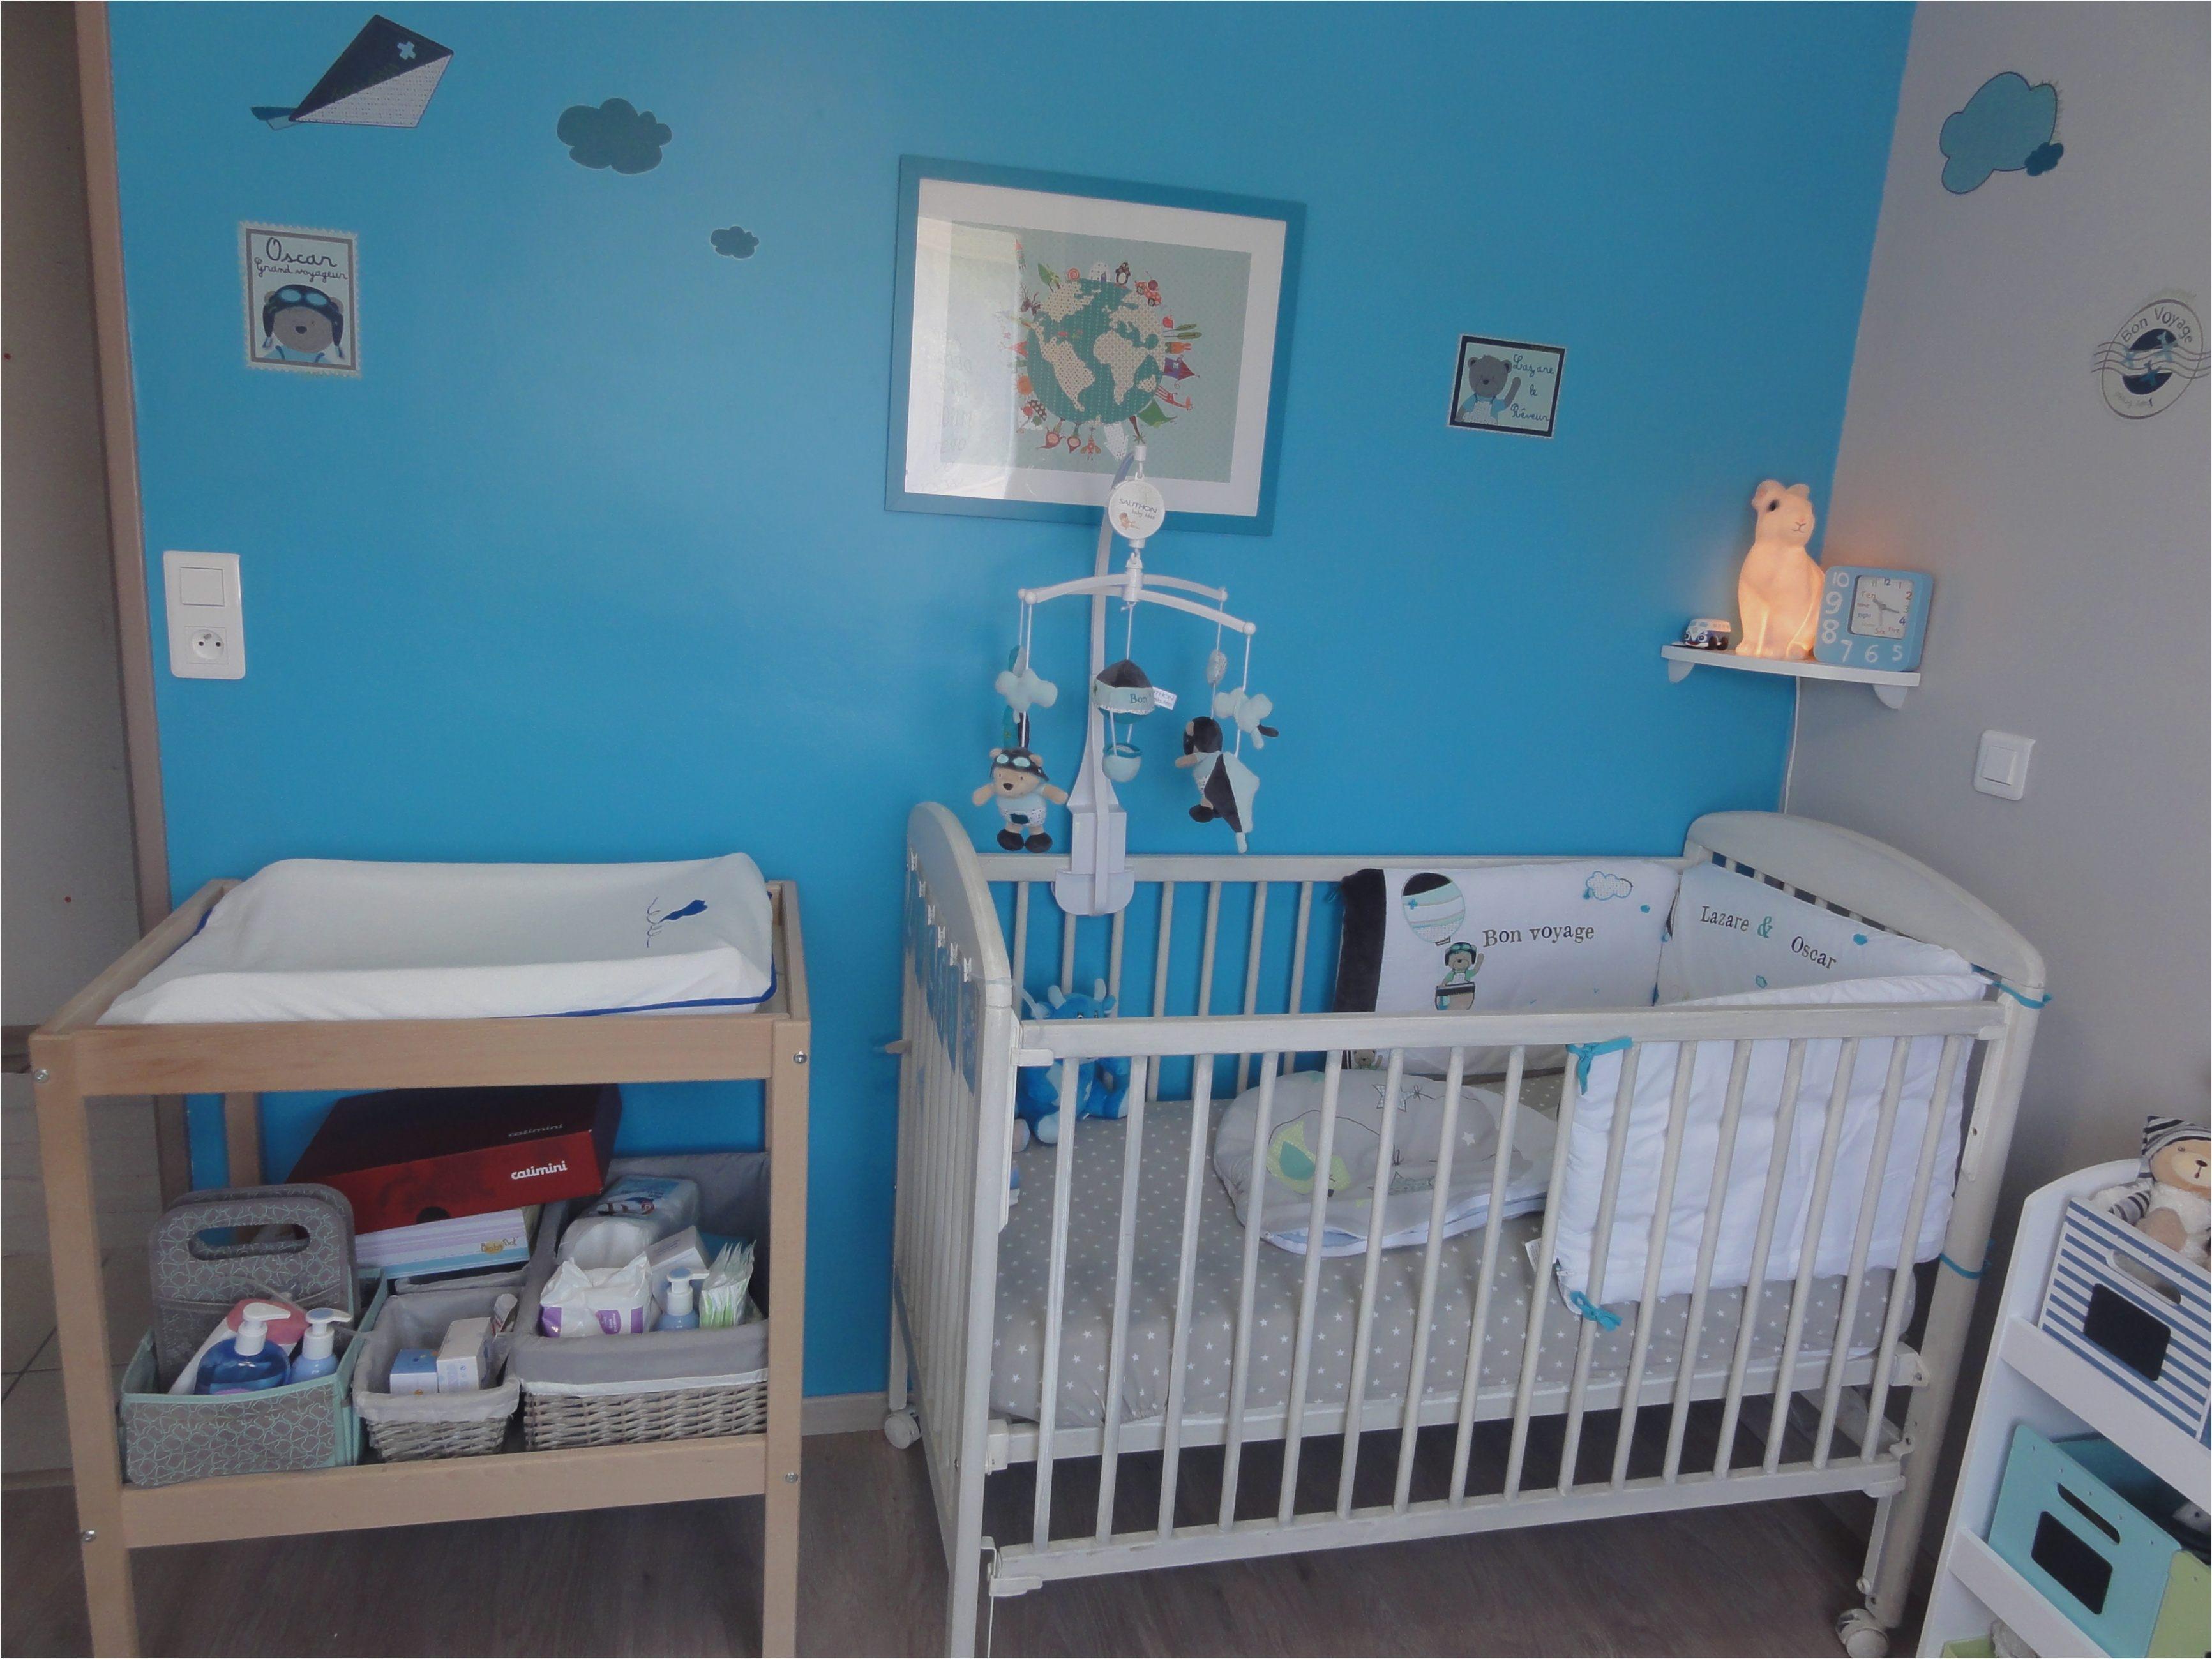 Tour De Lit Bébé Bleu Élégant Passionné Chambre De Bébé Pas Cher tour De Lit Bébé Gar§on — Mikea